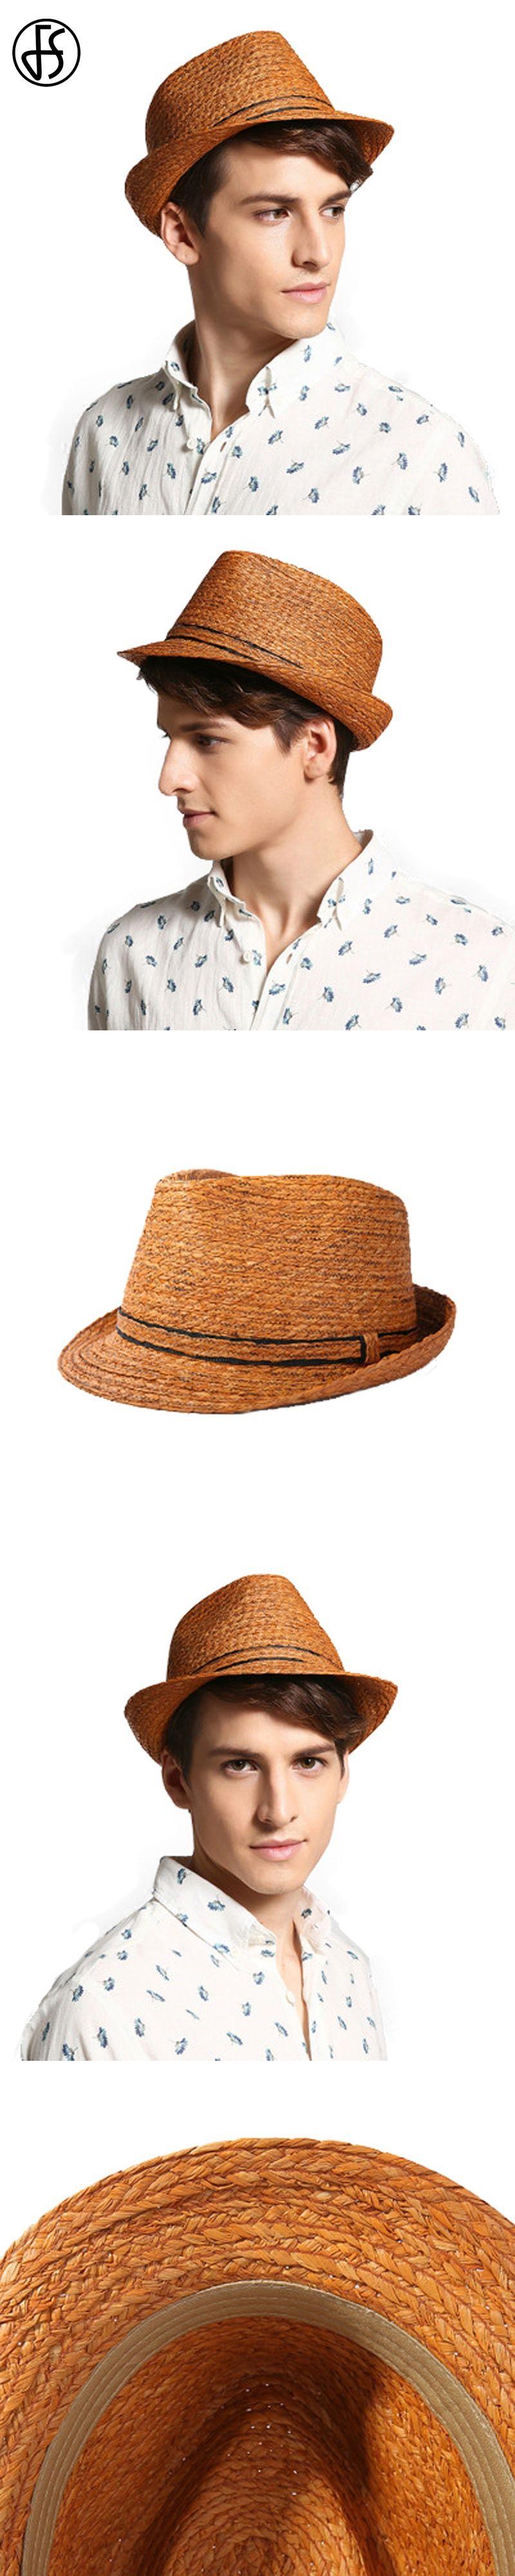 5e61e065e9c FS Vintage Panama Hat Men Raffia Straw Fedora For Male Women Summer Fashion  Beach Sun Visor